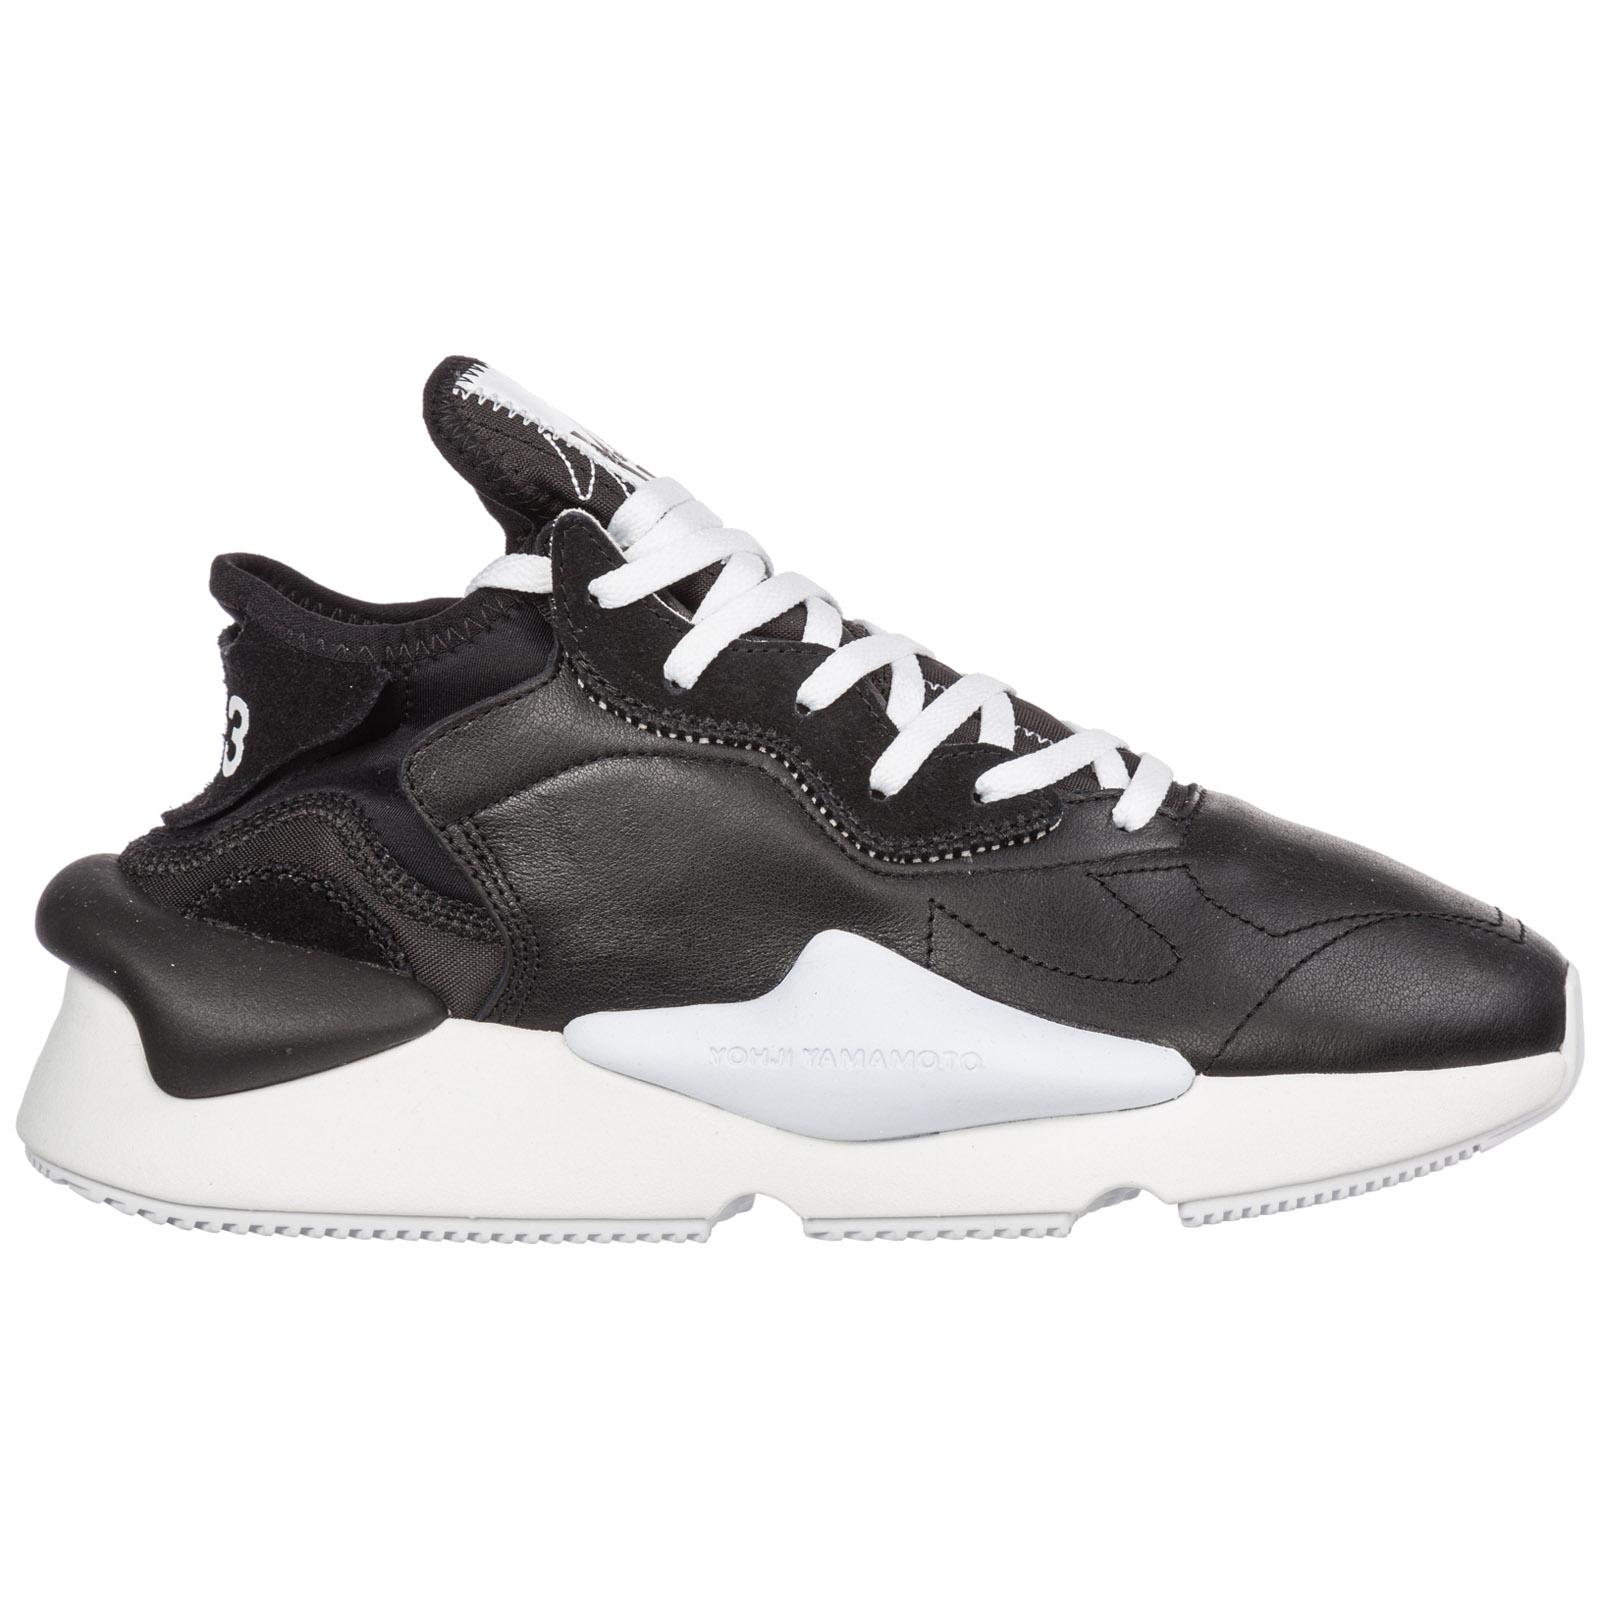 Sneakers Y-3 kaiwa F97415 nero | FRMODA.com